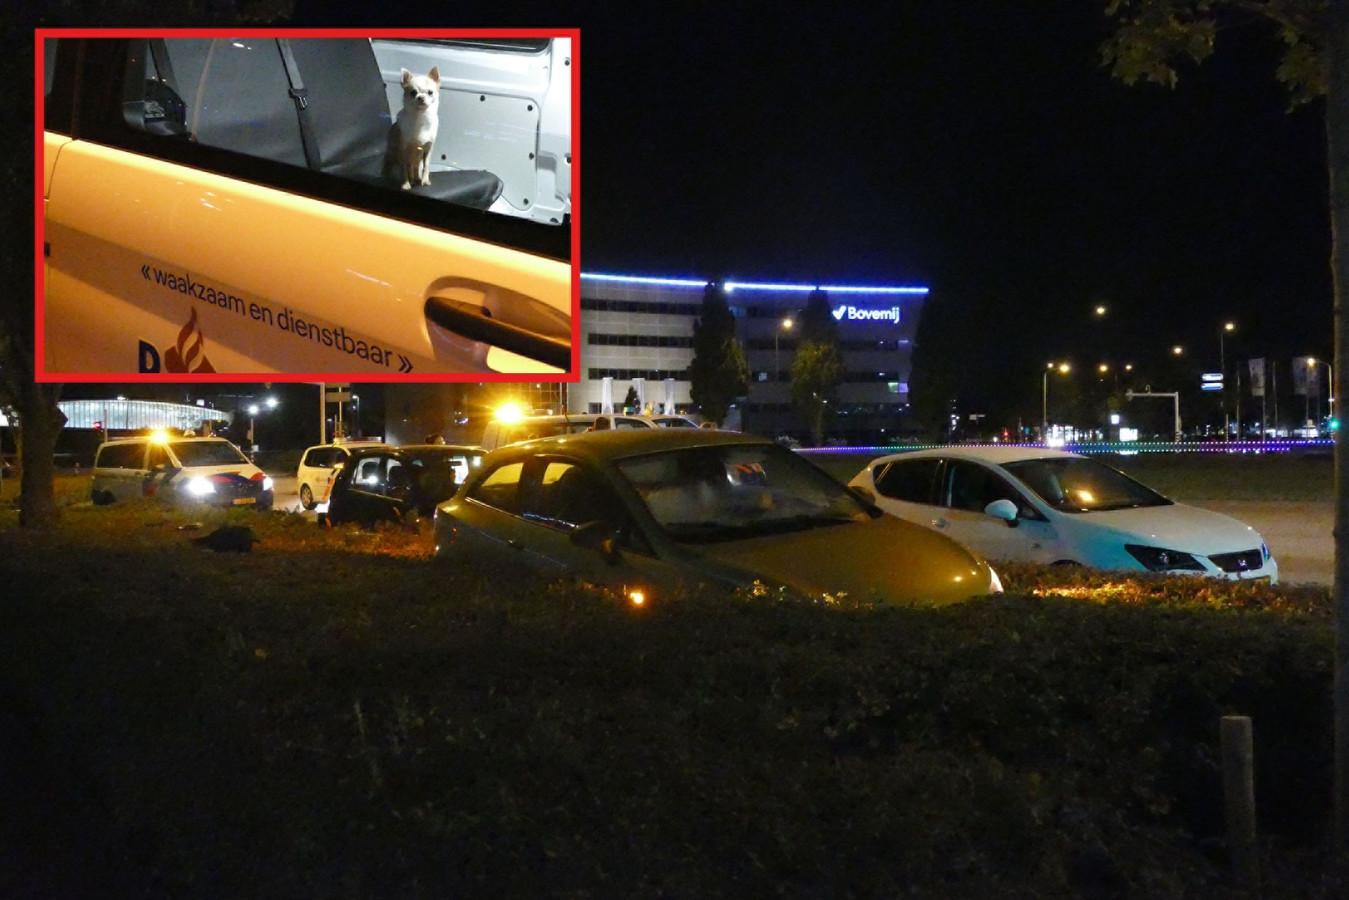 De politie heeft zich over een hondje ontfermd omdat hetbaasje bij een auto-ongeluk op het Takenhofplein in Nijmegen gewond raakte.